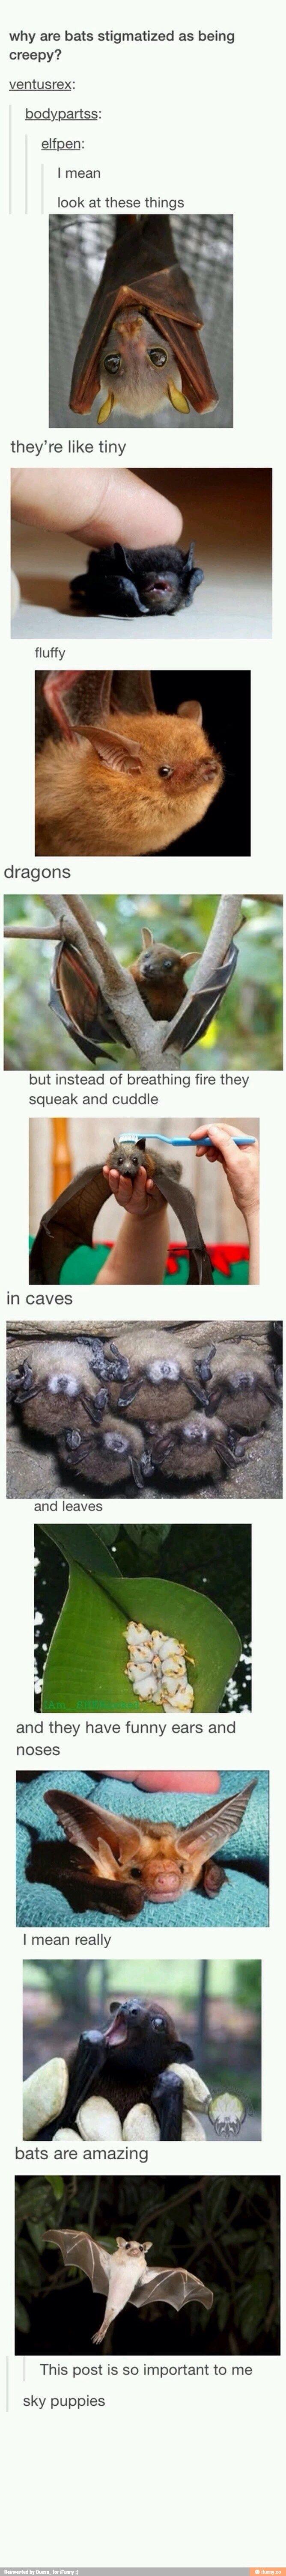 Morcegos não são assustadores ou feios, eles são bonitinhos. Incríveis mamíferos alados.